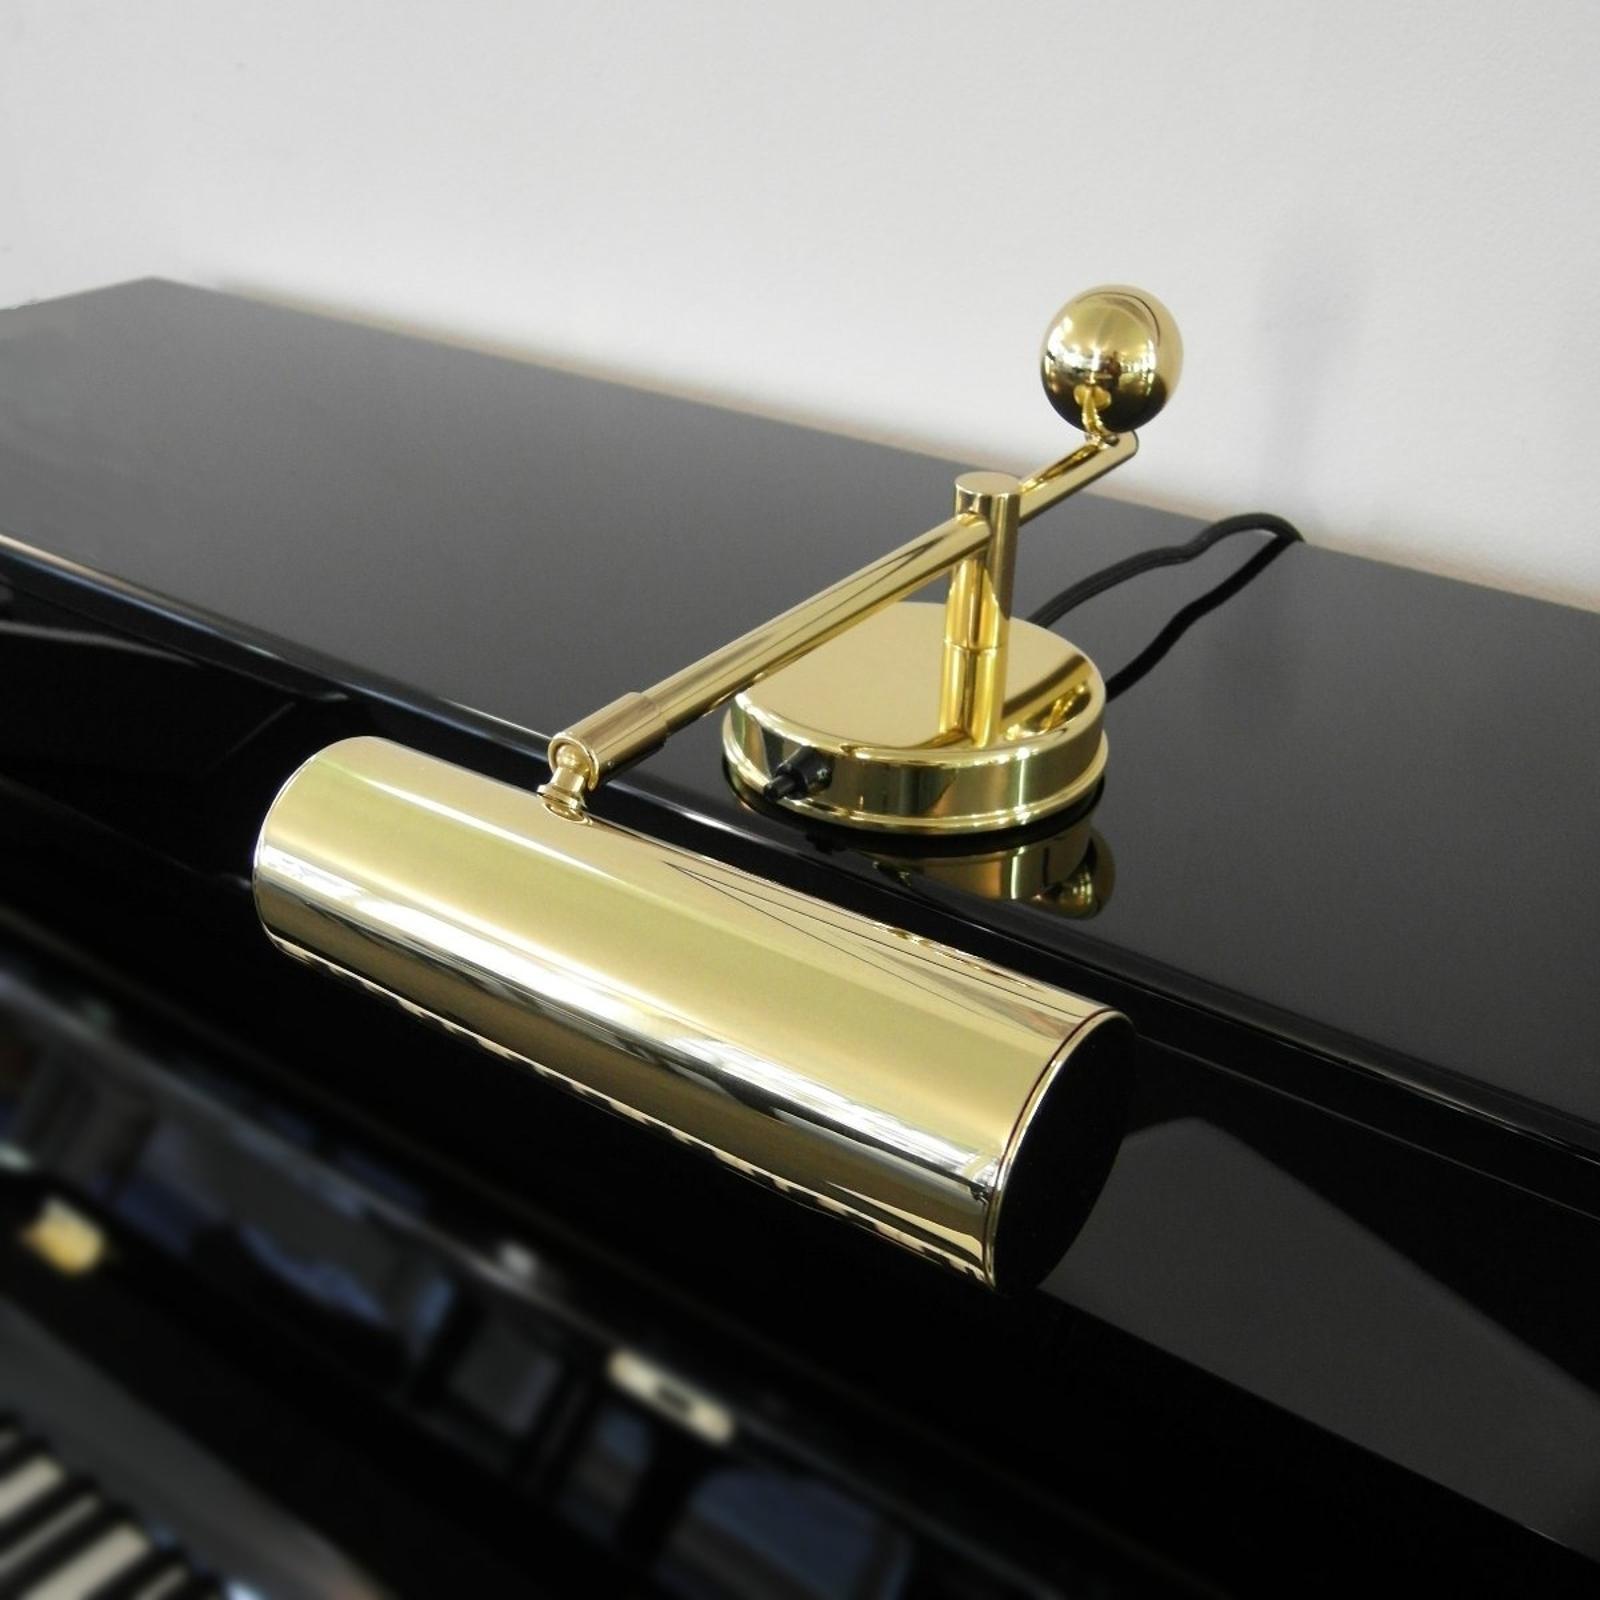 Acquista Lampada Da Pianoforte De Stijl In Ottone Lampade It